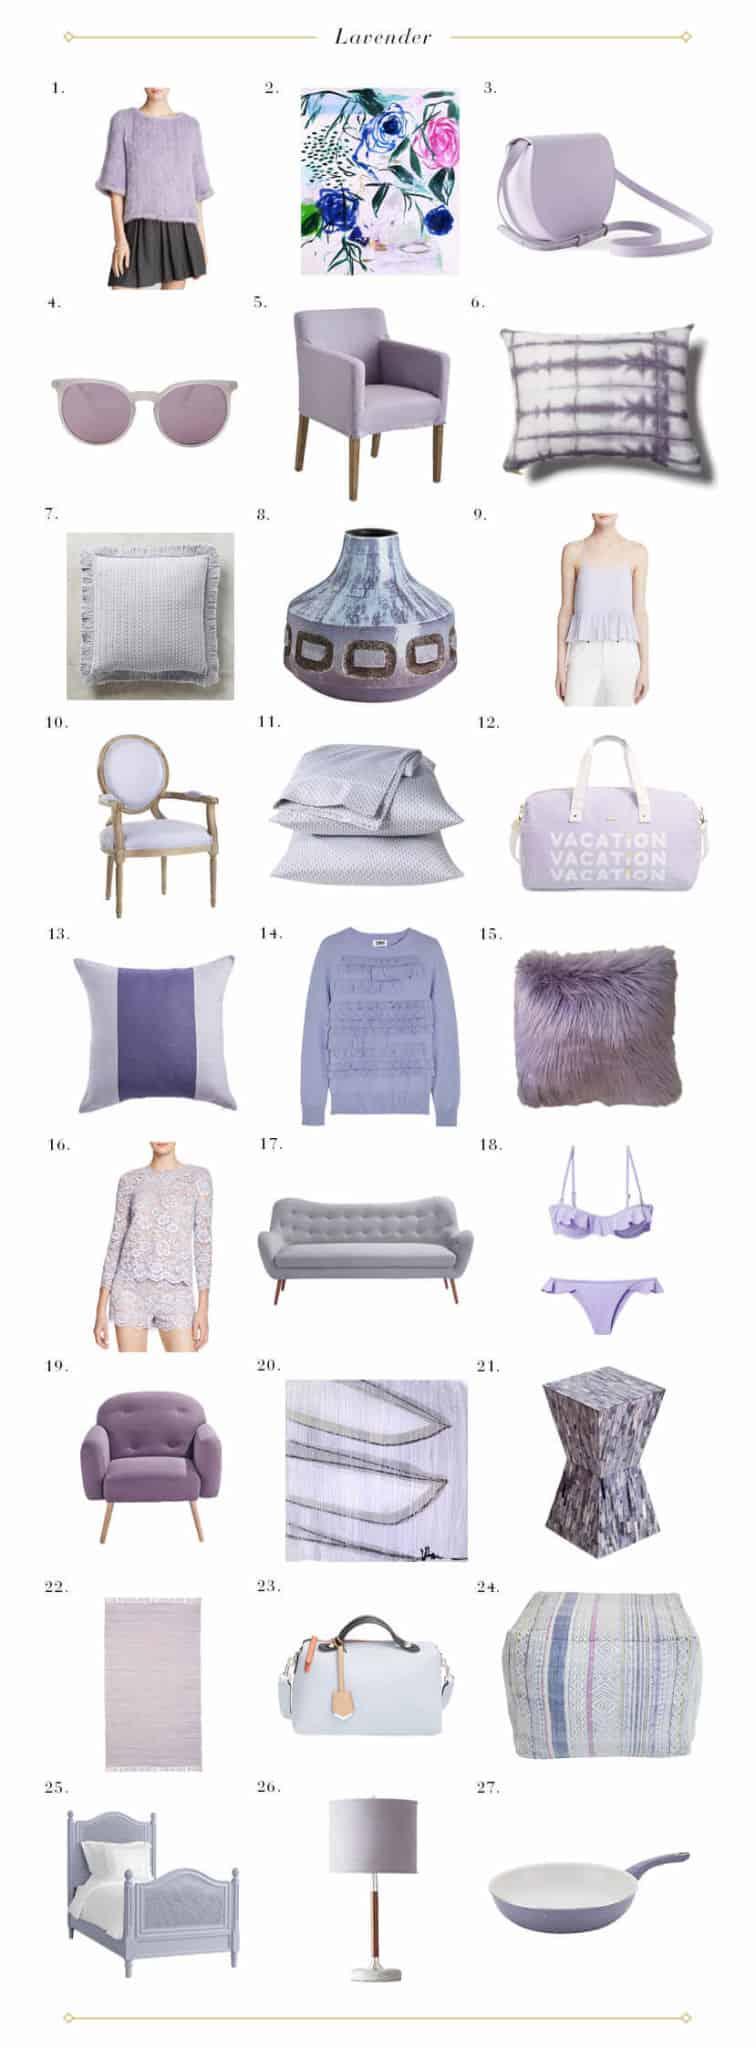 Lavender_Round_Up